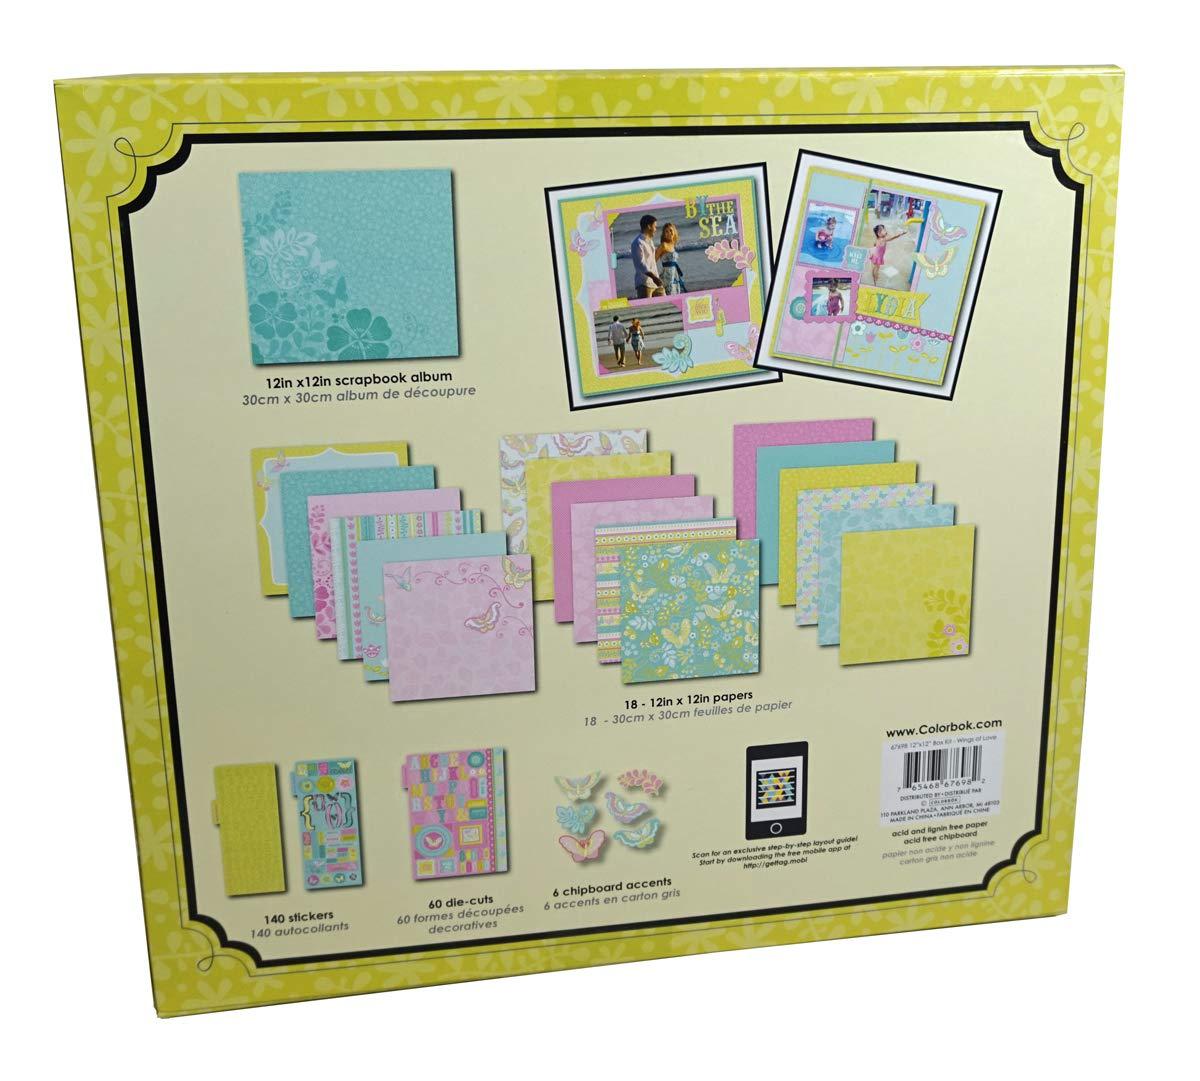 140 Stickers, 60 die-cuts Colorbok WINGS of LOVE 12x12 Scrapbook Album Kit